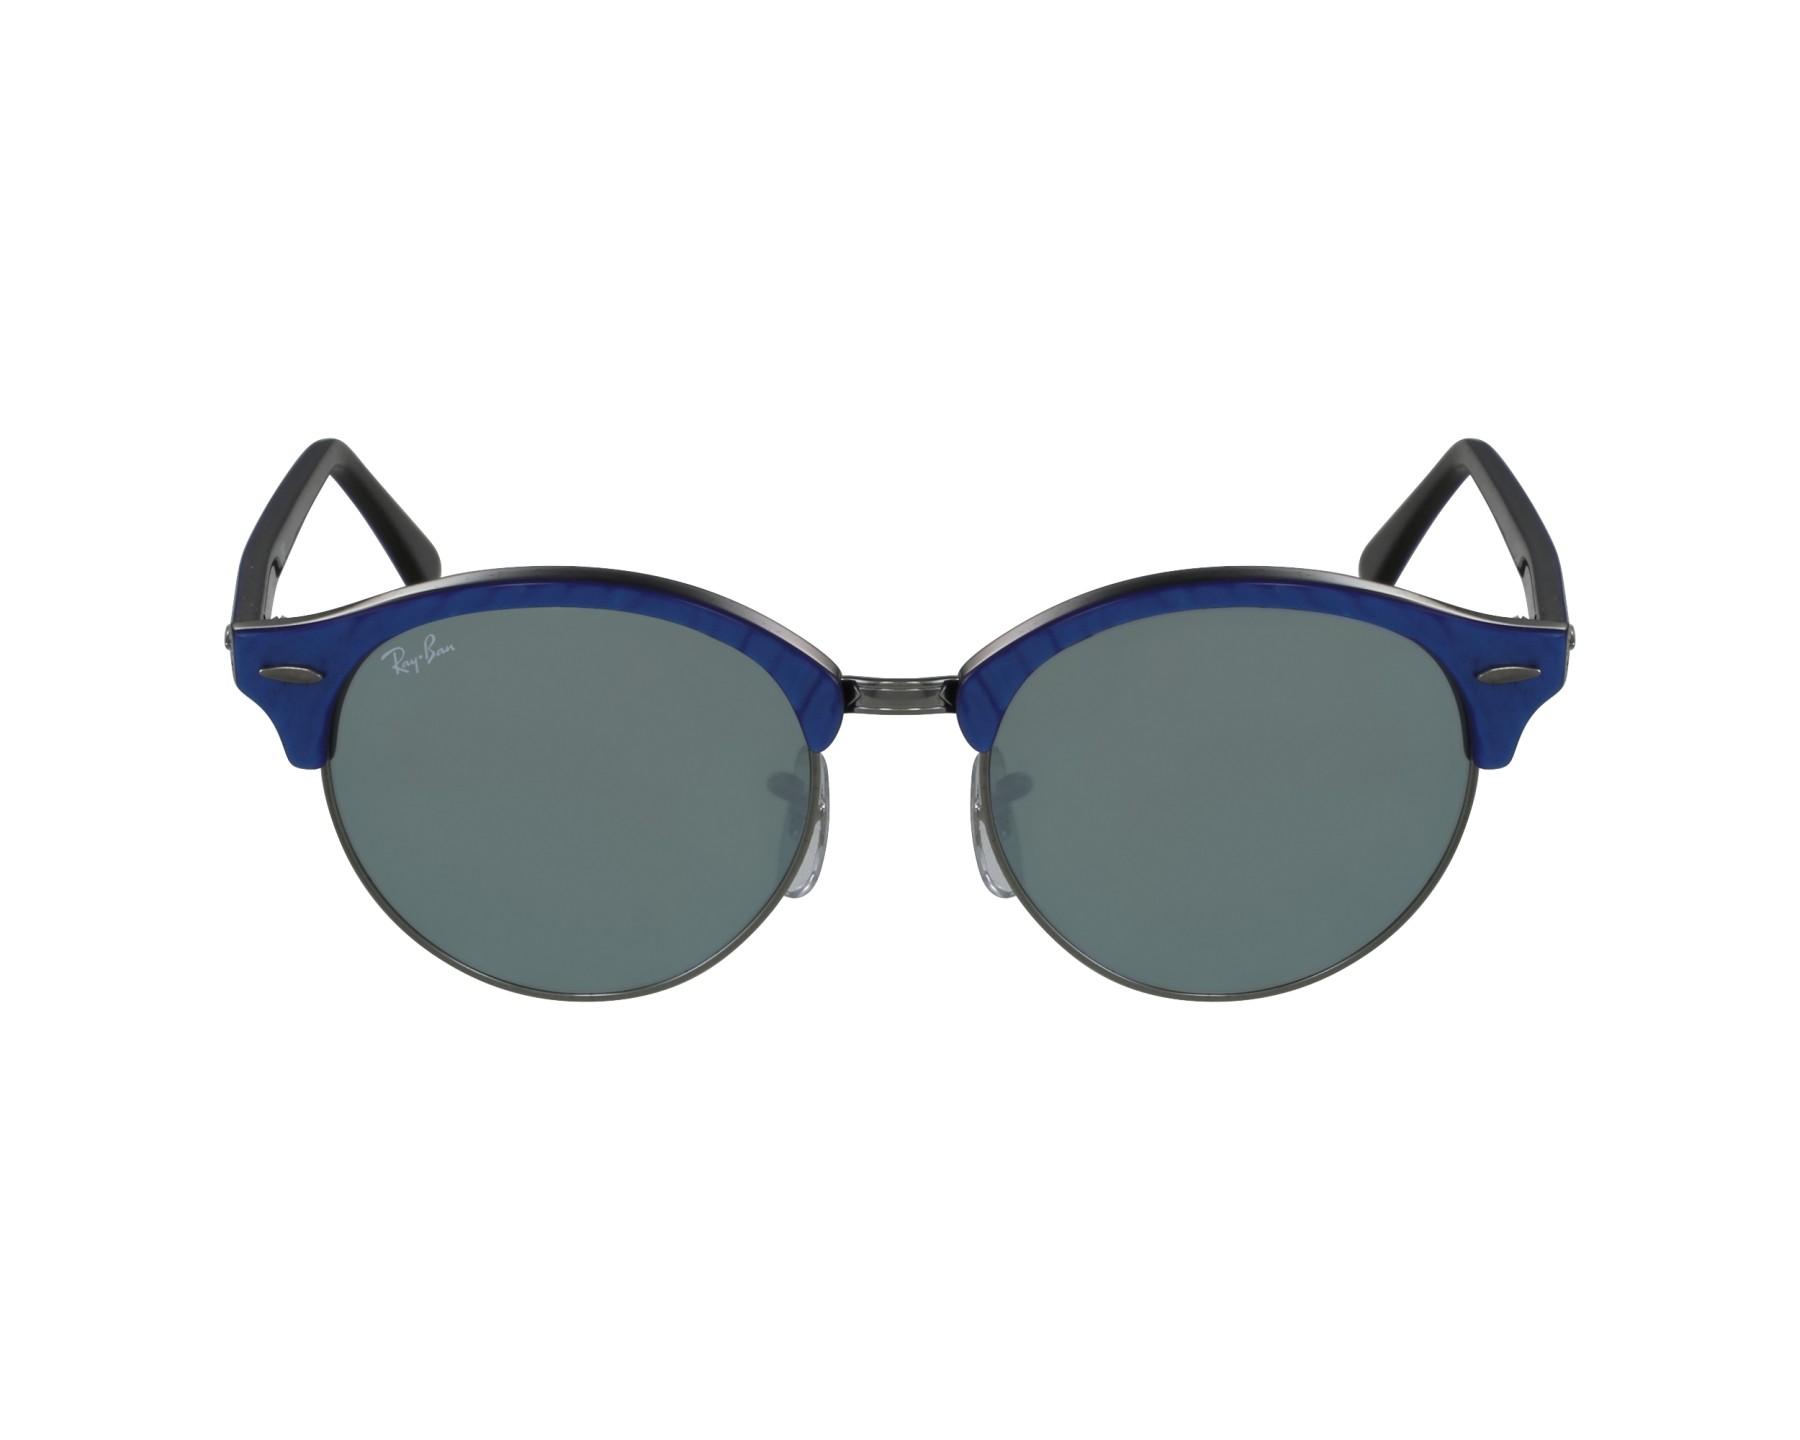 lunettes de soleil ray ban rb 4246 984 30 bleu avec des verres gris vert pour mixte. Black Bedroom Furniture Sets. Home Design Ideas